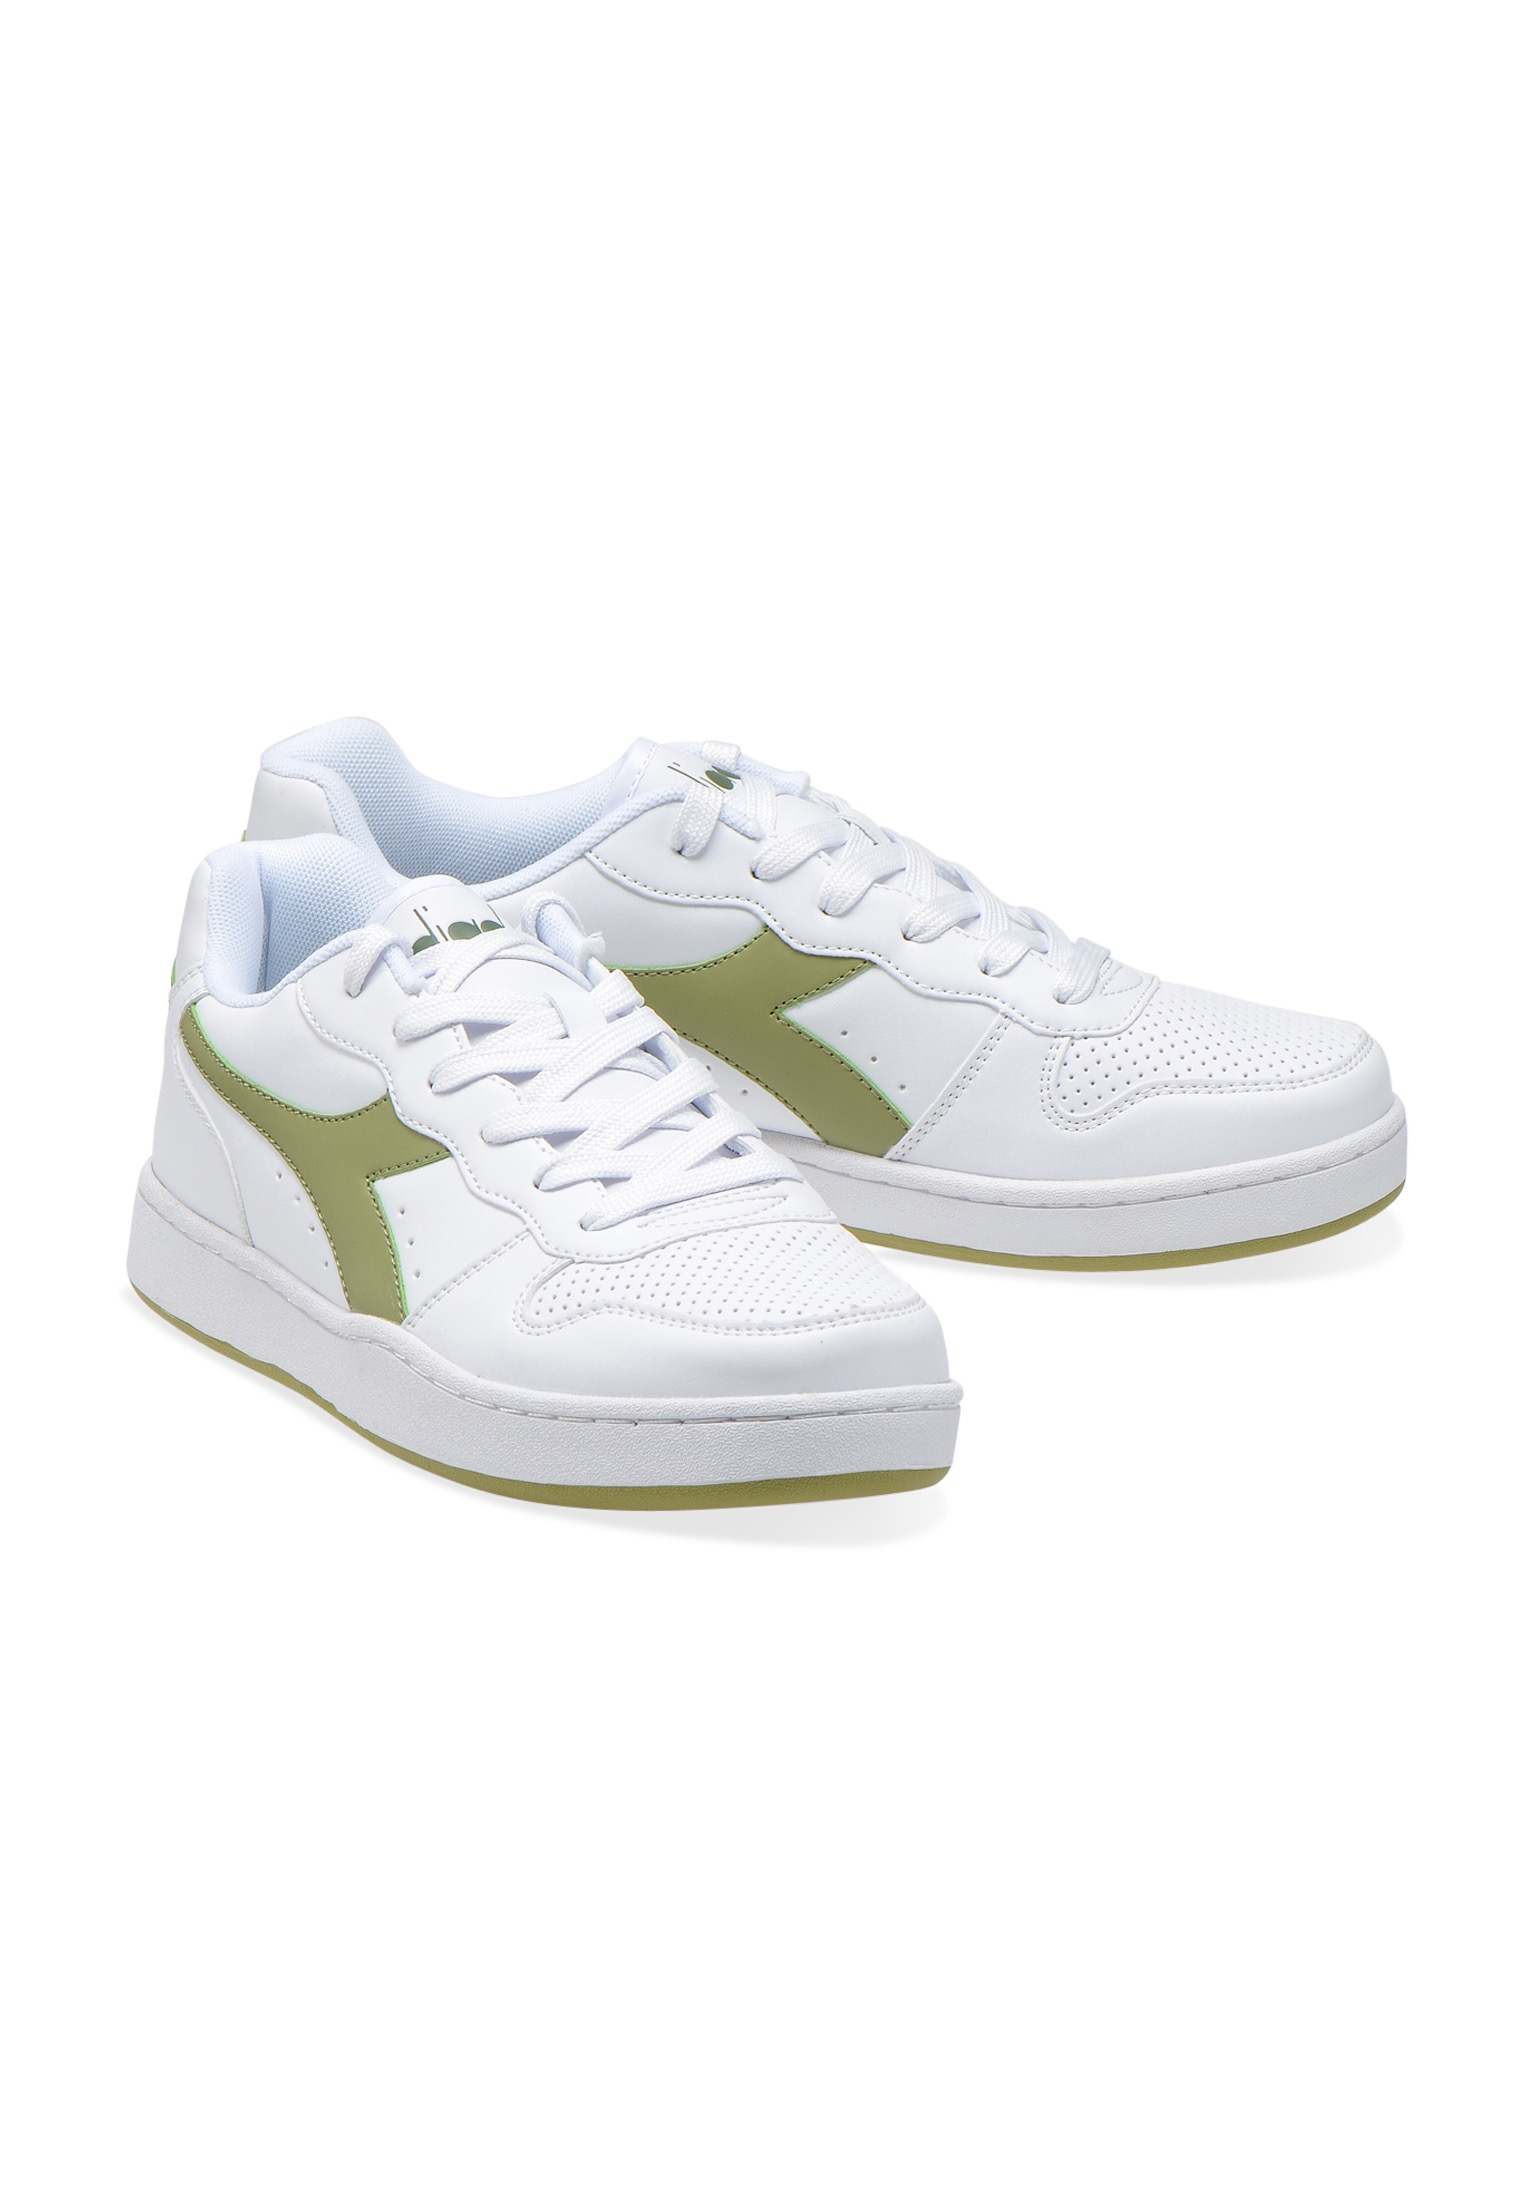 Scarpe-Diadora-Playground-Sneakers-sportive-uomo-donna-vari-colori-piu-taglie miniatura 35